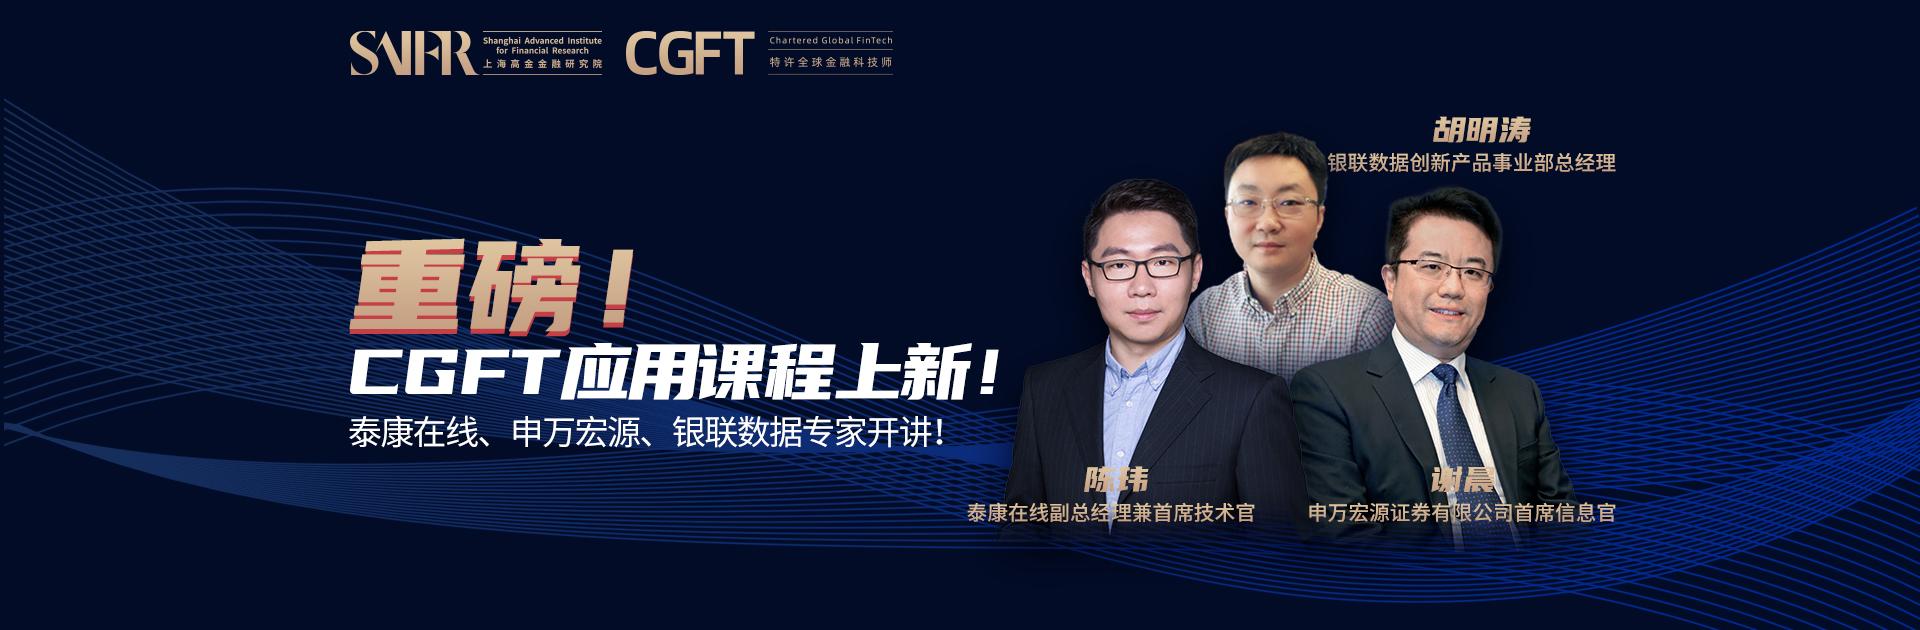 特许全球金融科技师,CGFT,金融科技师,金融科技